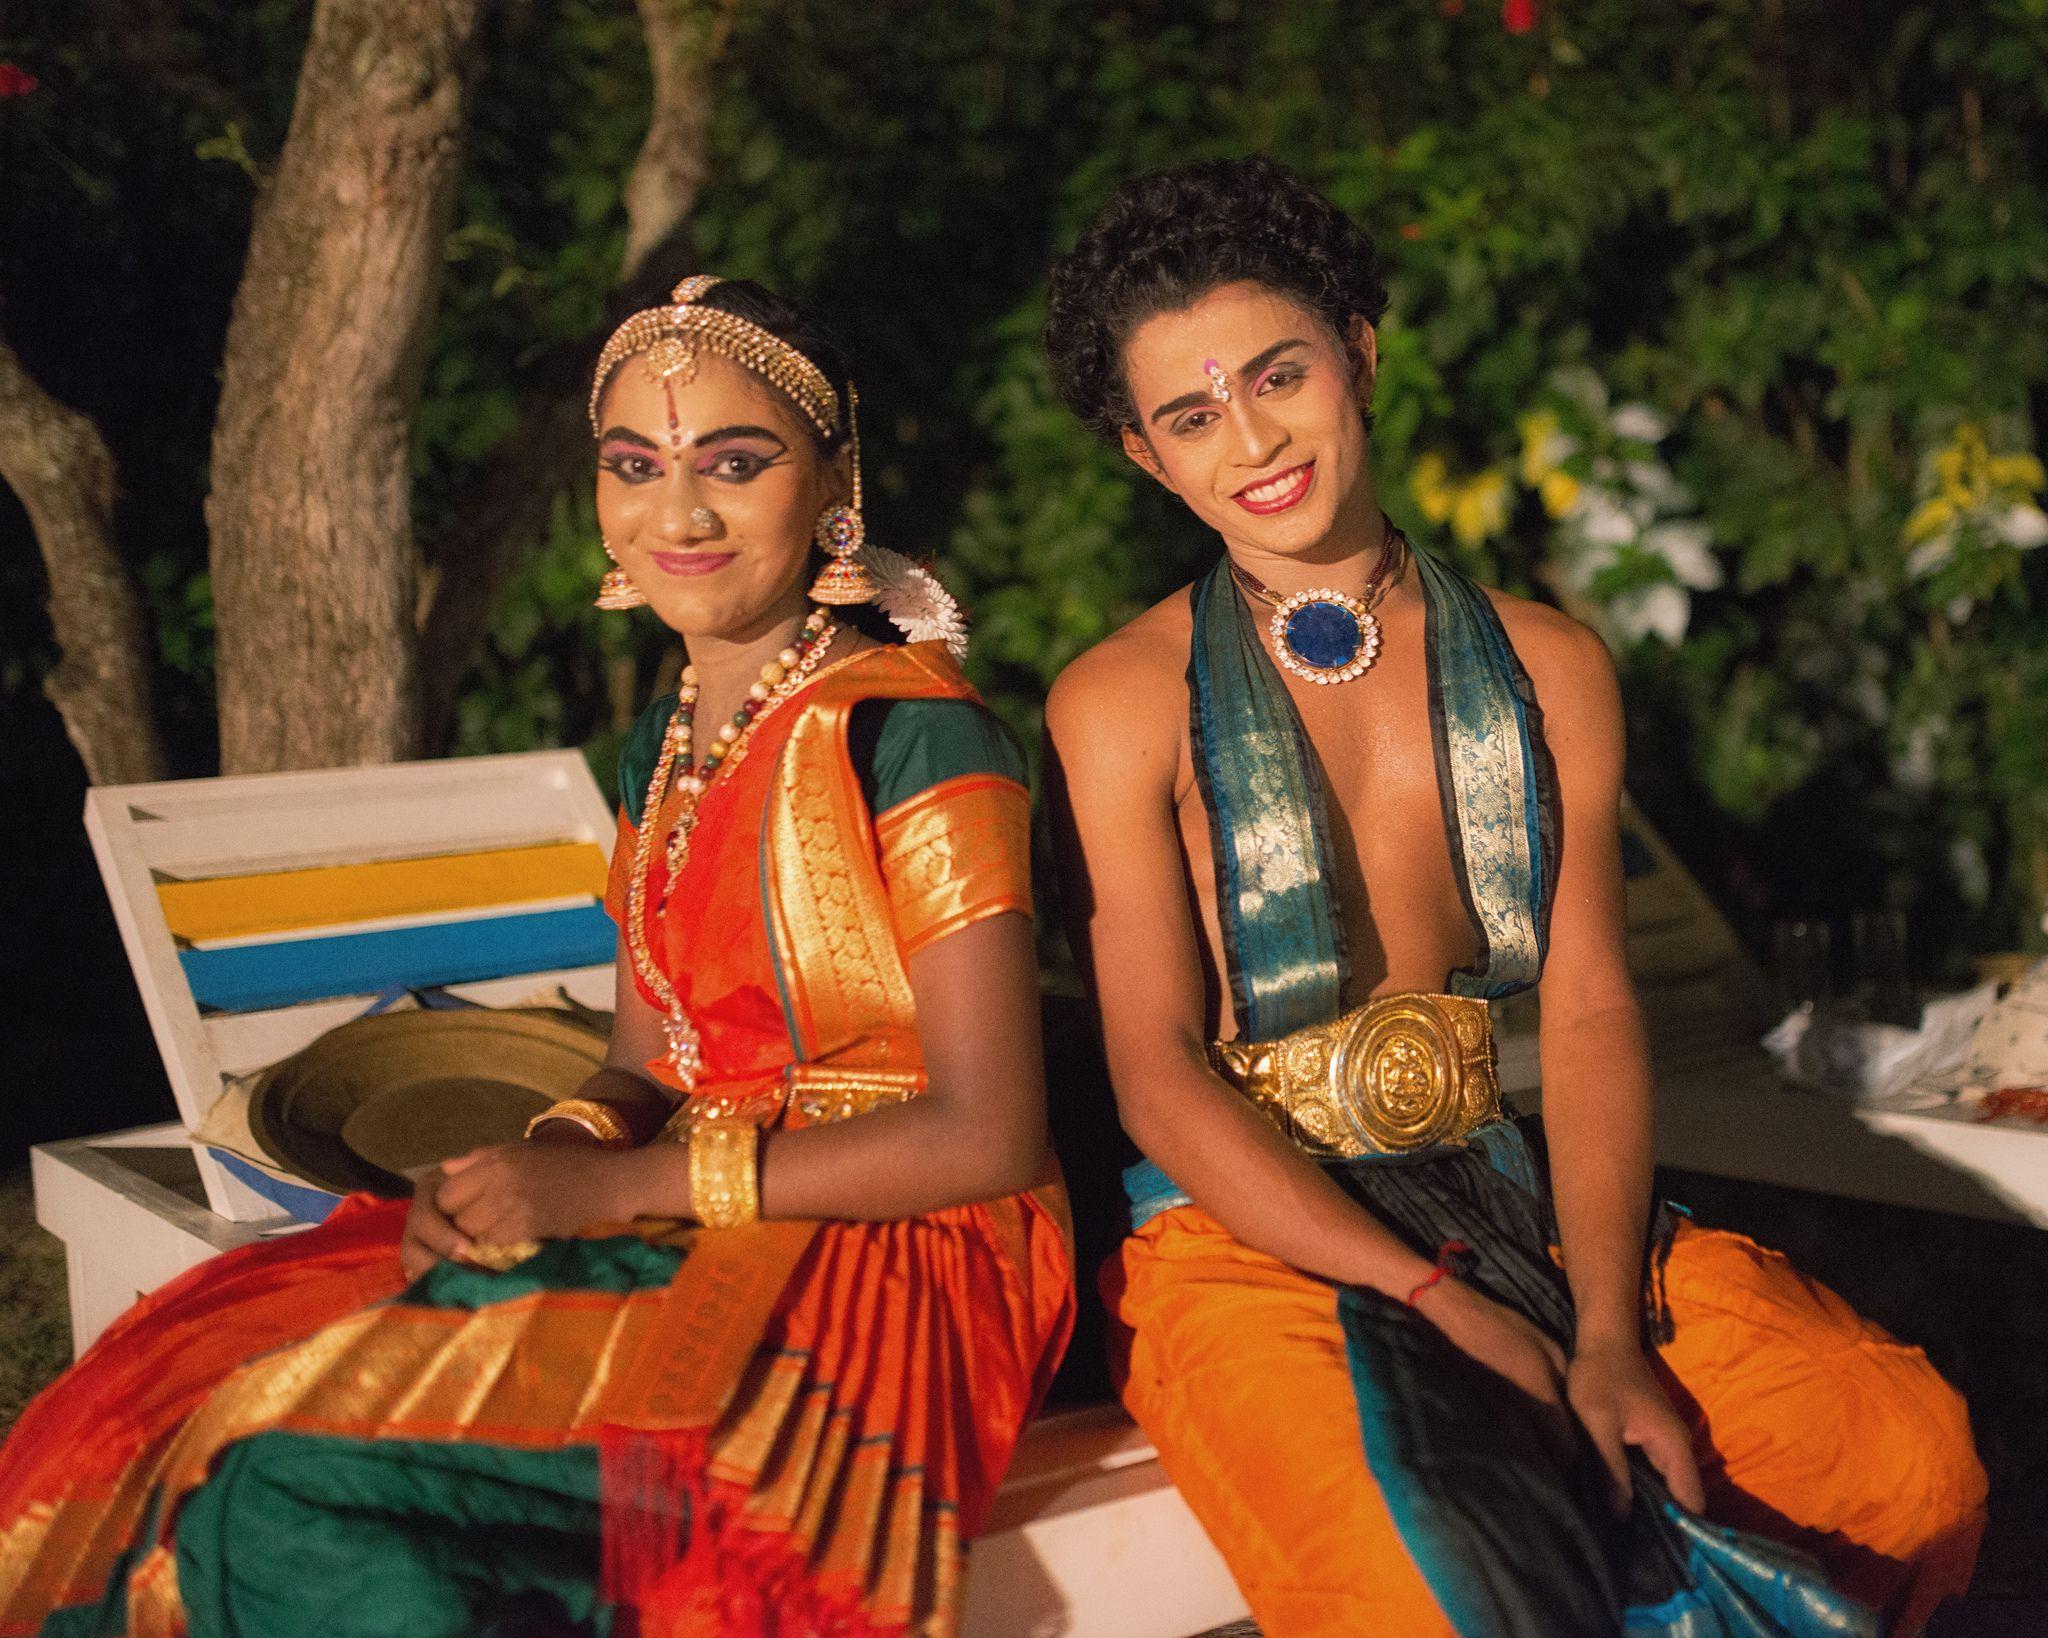 https://flic.kr/p/kPbnxZ | Kerala folk dancers, Kovalam, Kerala, India